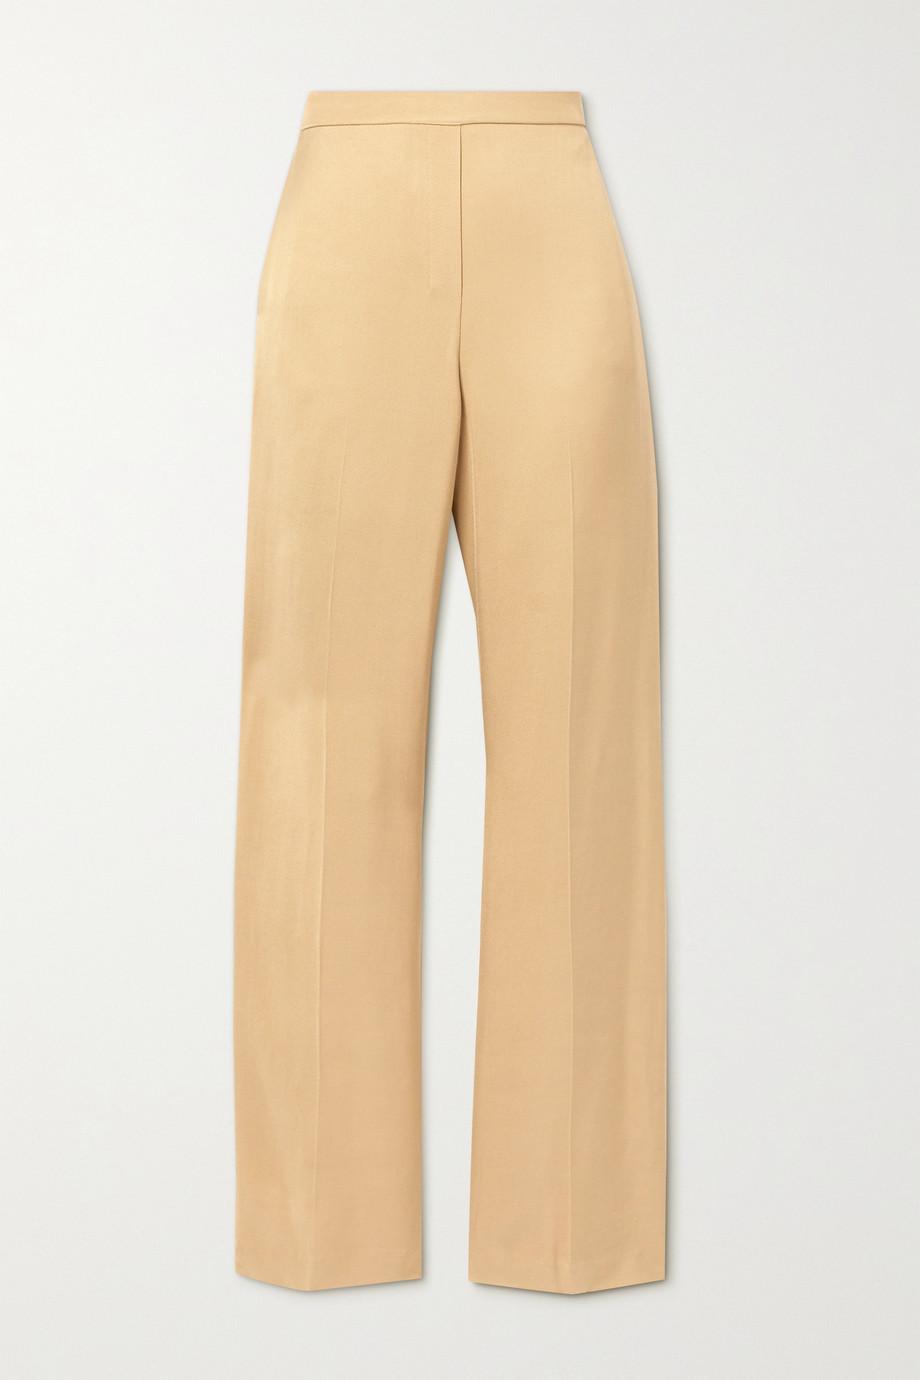 Theory Twill wide-leg pants